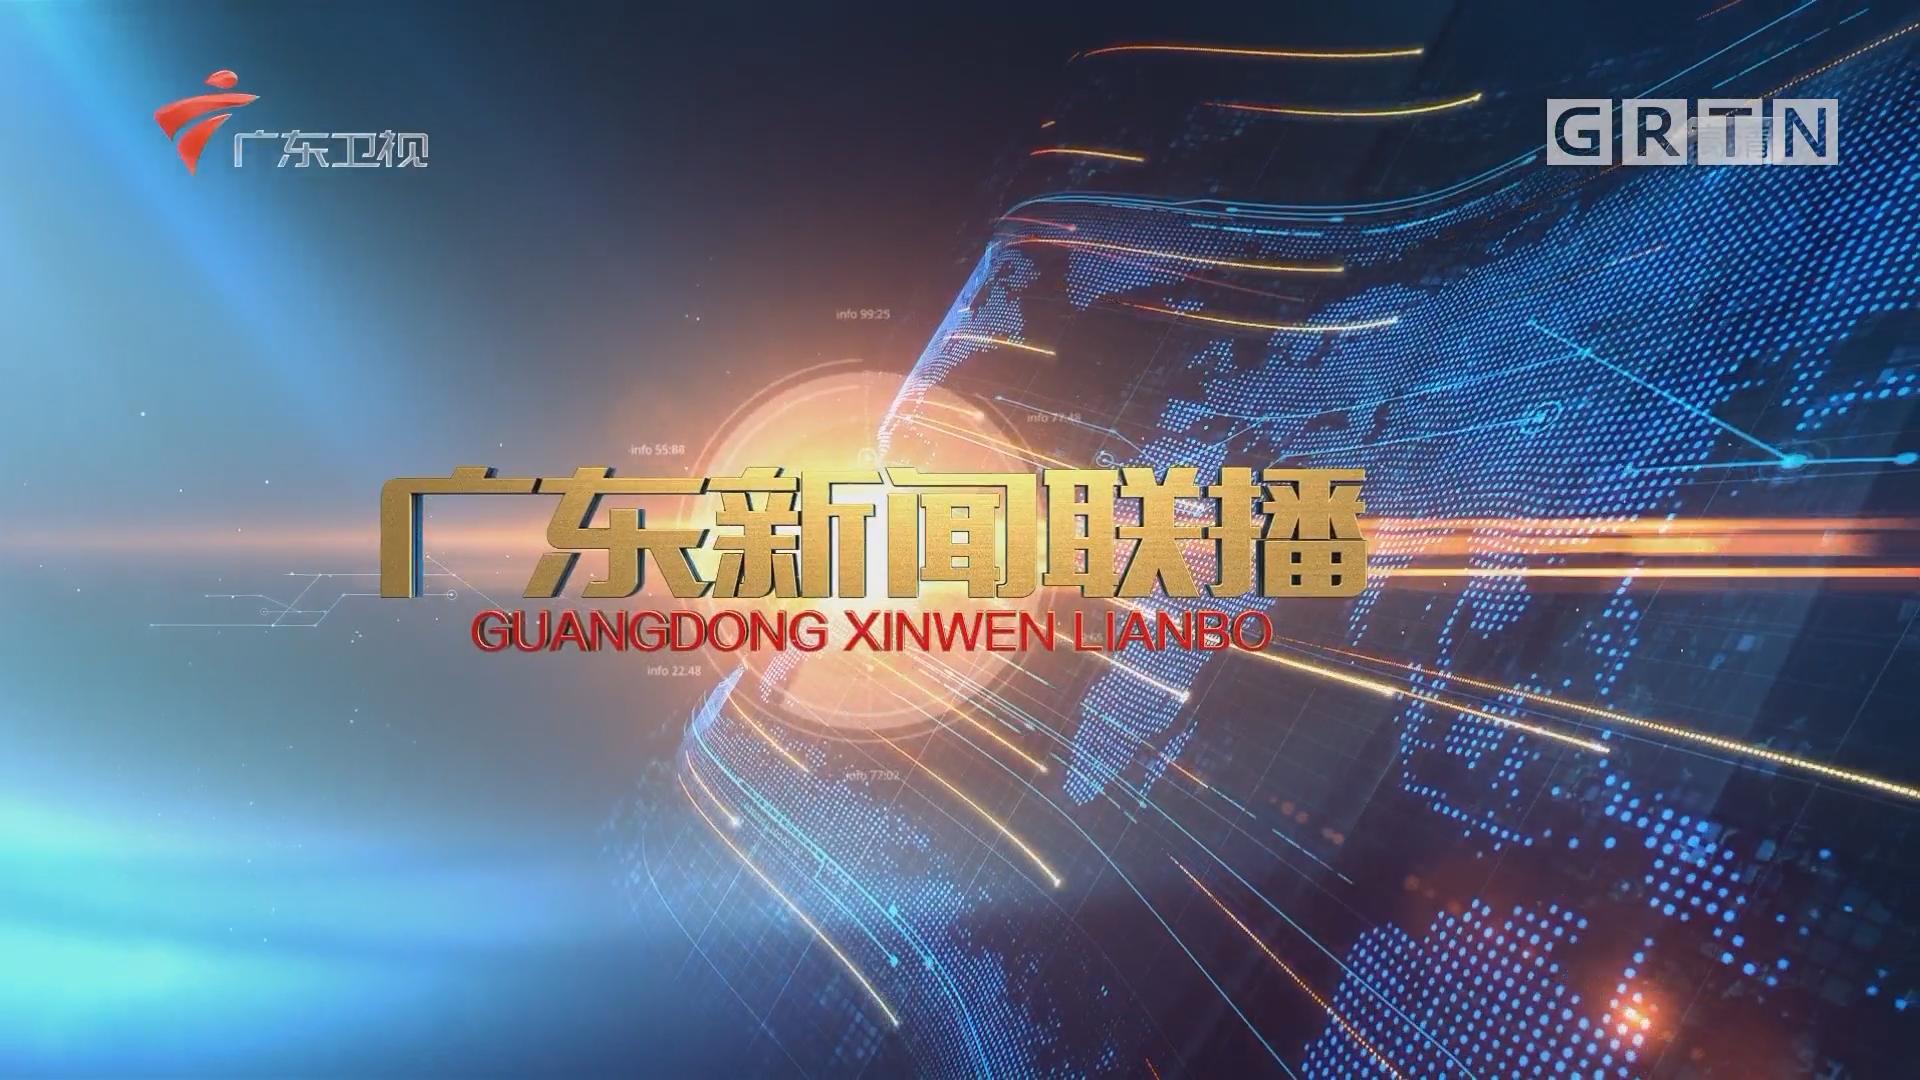 """[HD][2018-05-22]广东新闻联播:科技创新""""深圳速度""""领跑全国 为推动经济高质量发展提供支撑"""